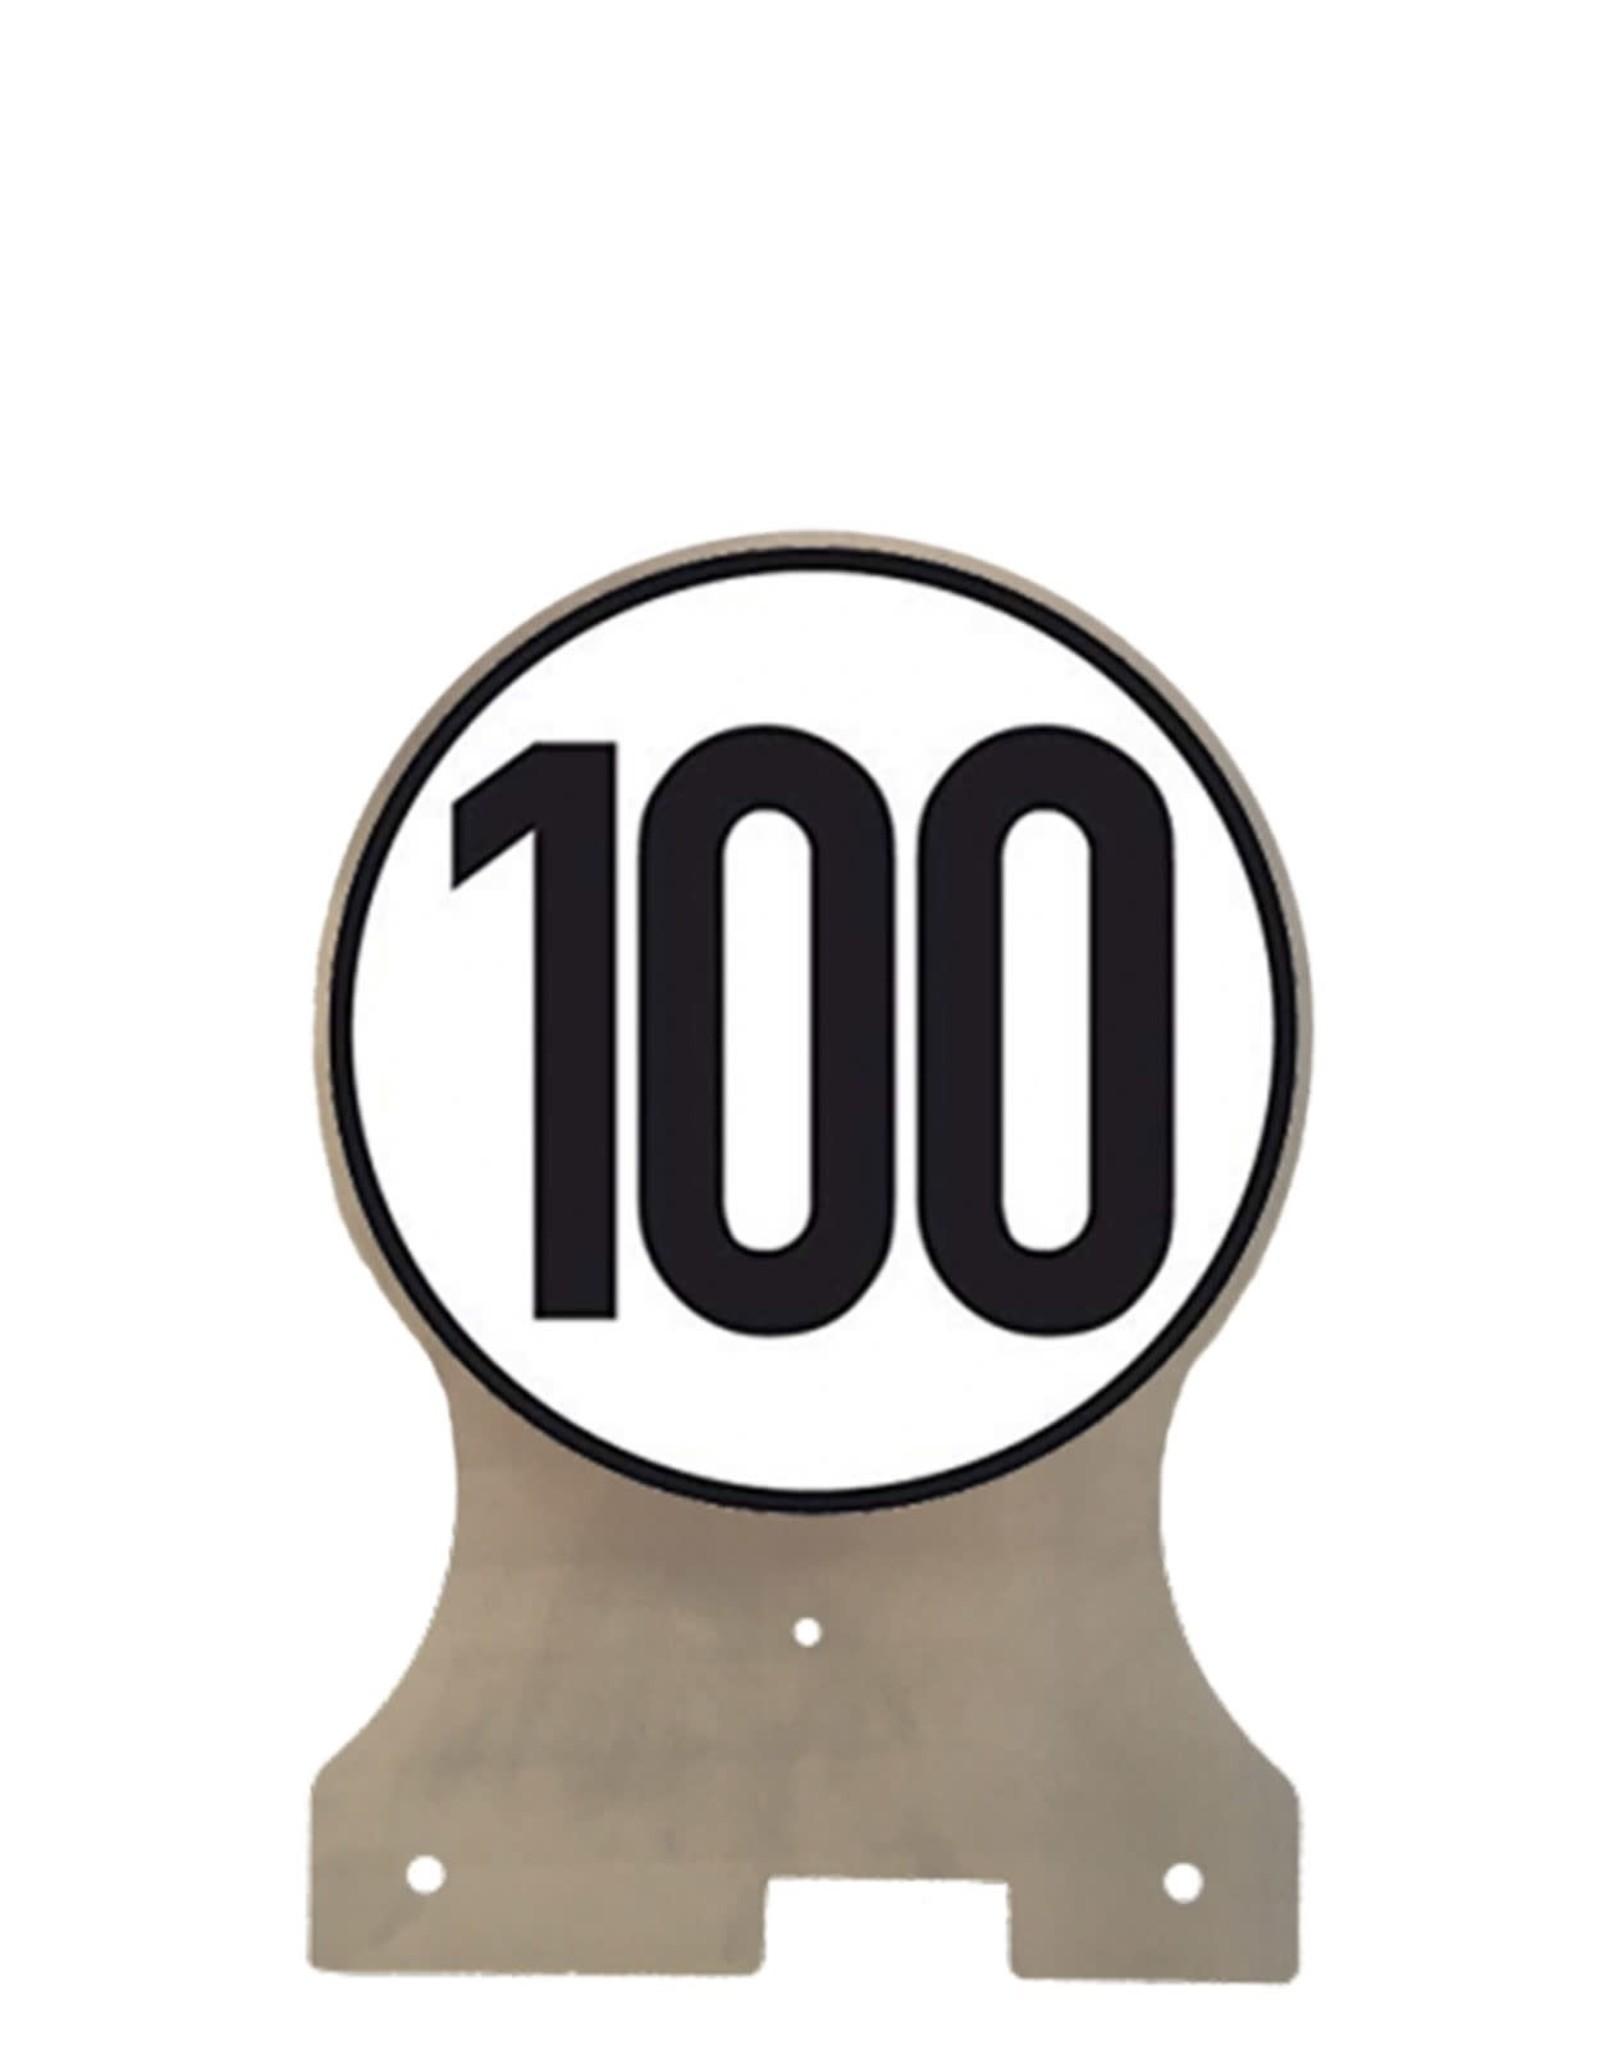 Treiler Treiler 100 km/u console inclusief sticker